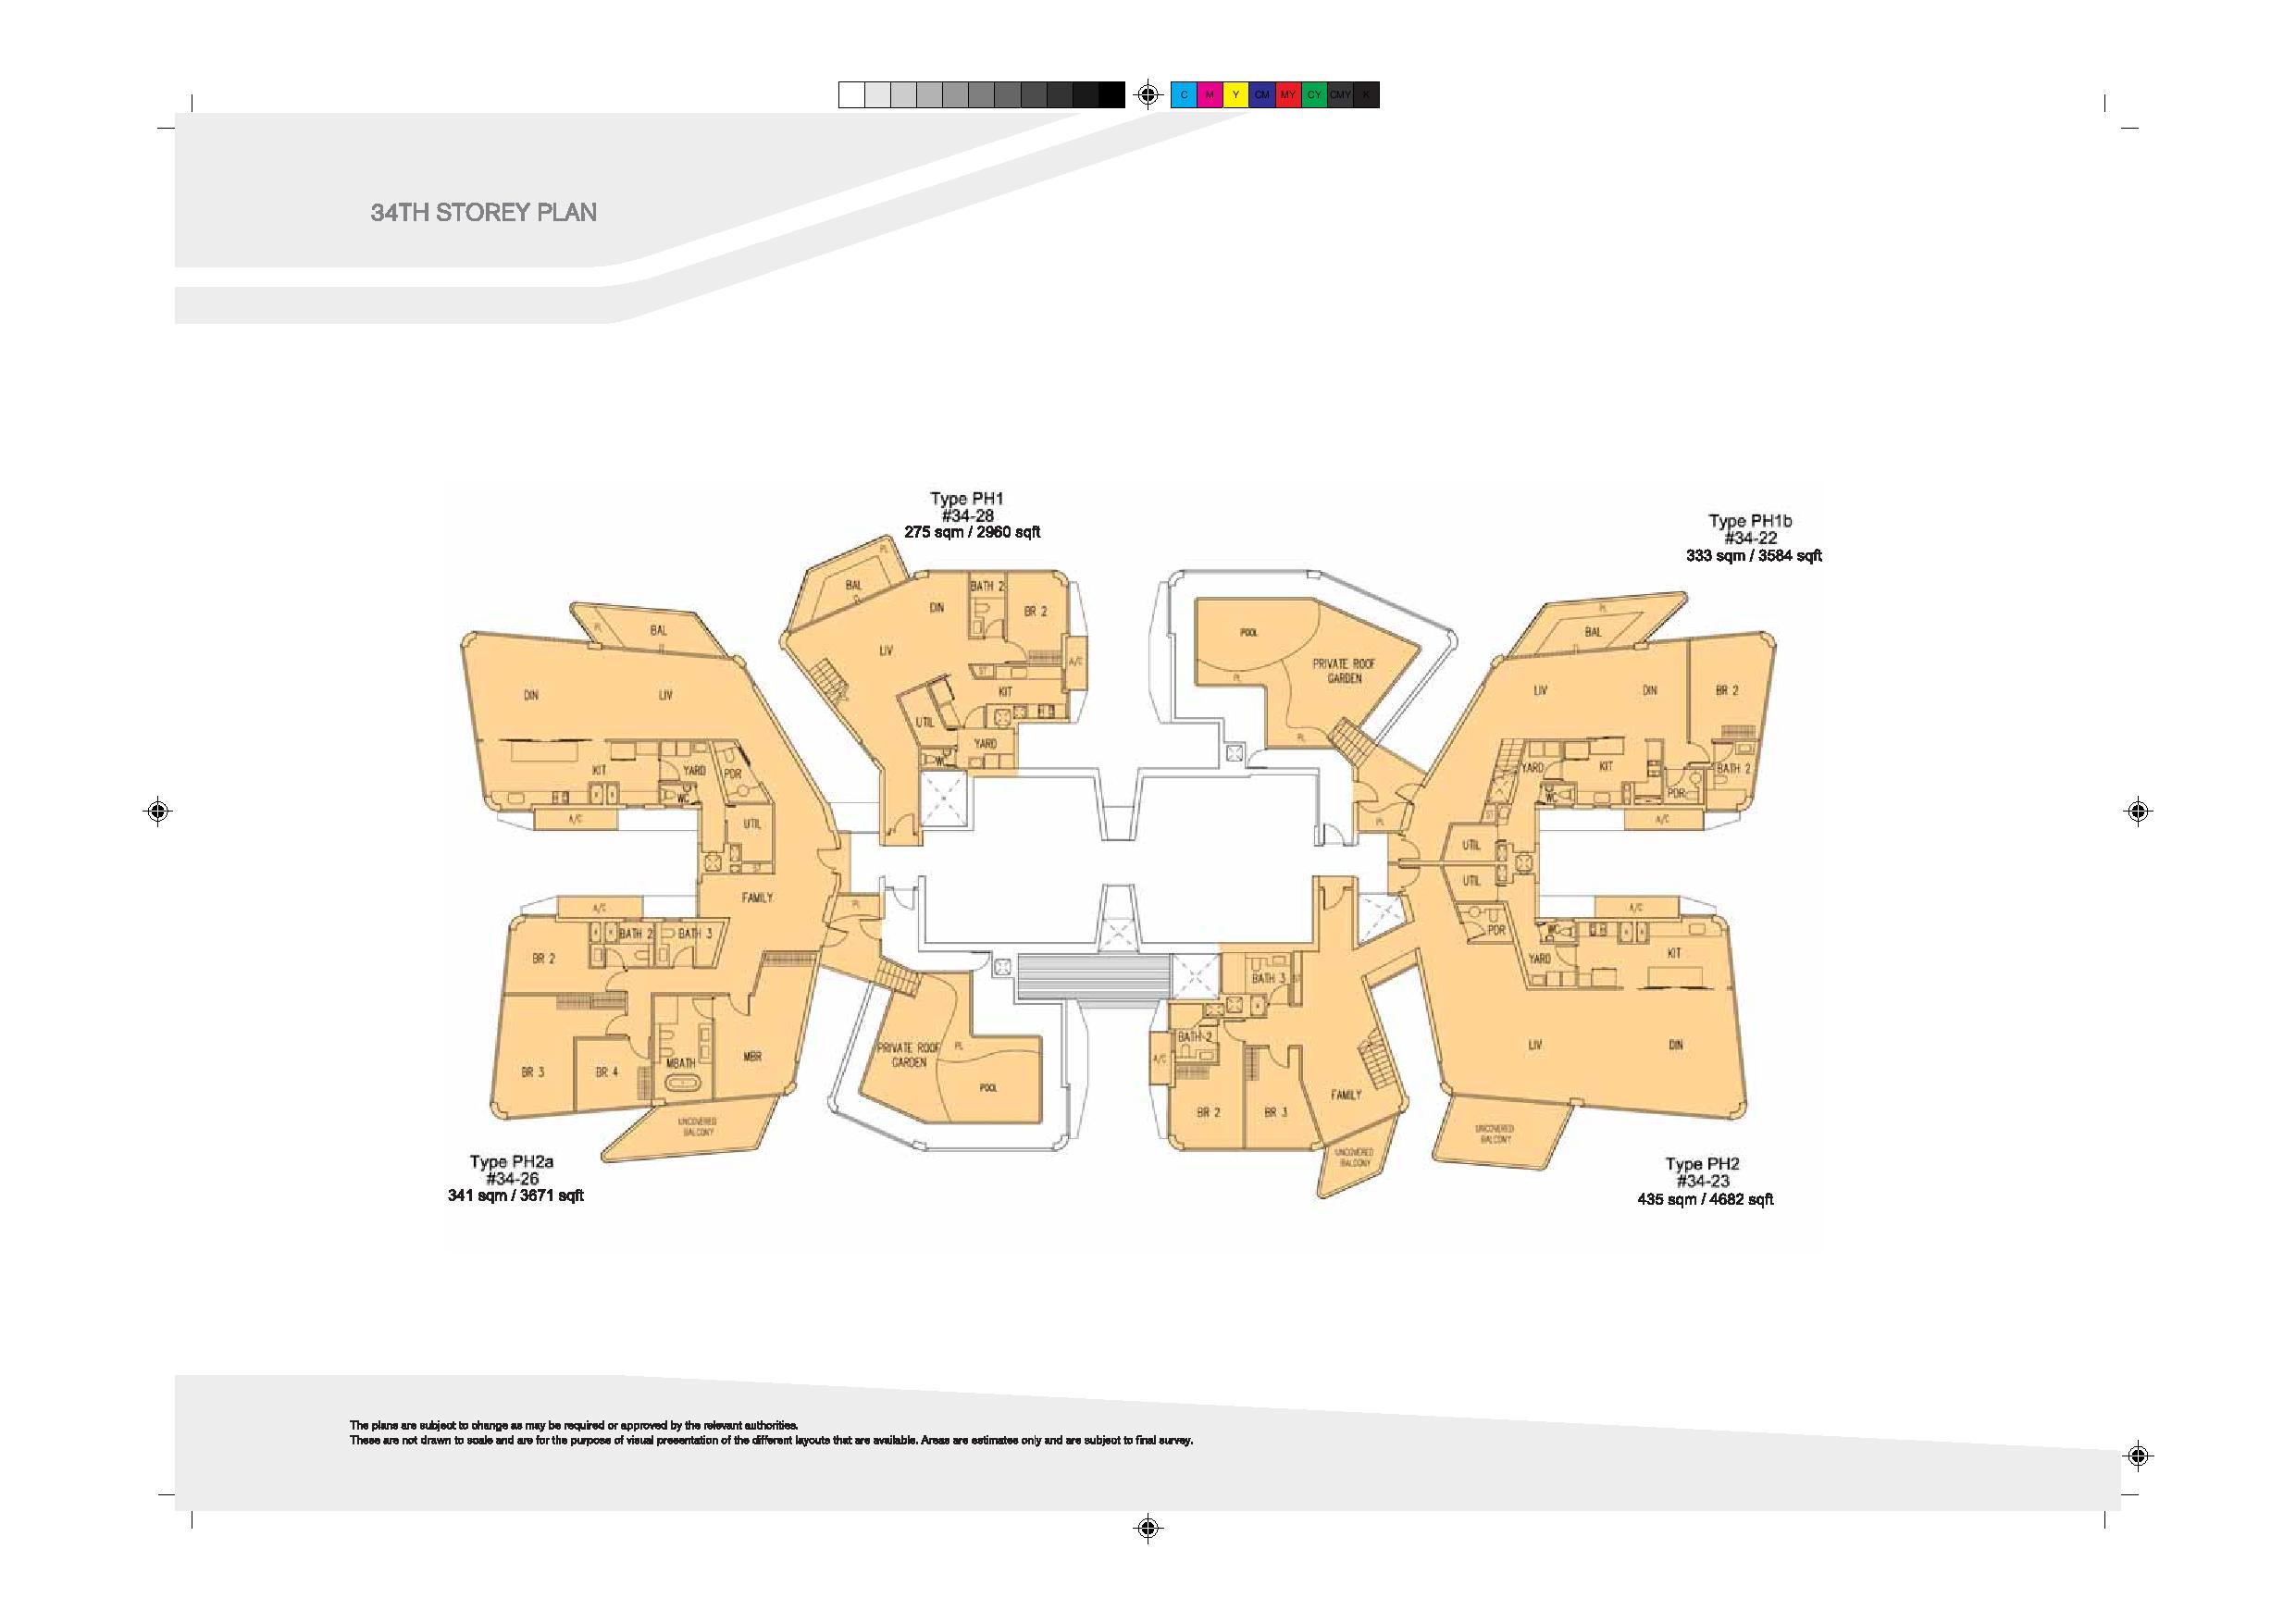 D'Leedon Block 9 34th Level Floor Plans